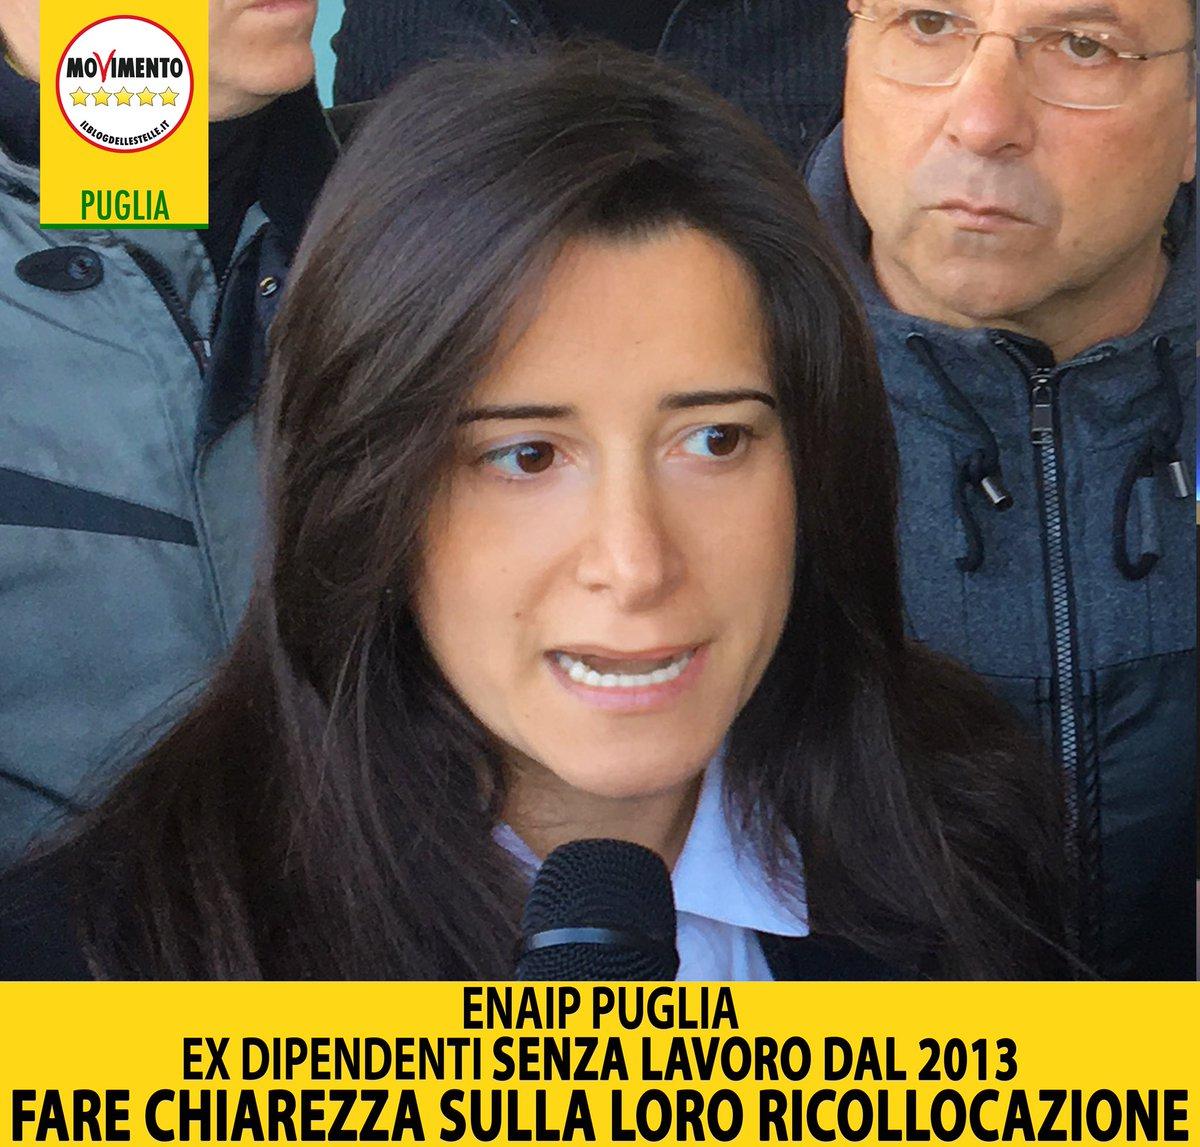 #ENAIP (Ente Nazionale ACLI Istruzione Professionale) #Puglia, ex dipendenti senza lavoro dal 2013.#M5S: fare chiarezza sulla loro ricollocazione.#LavoroLEGGI QUI: https://goo.gl/5W3EjV  - Ukustom